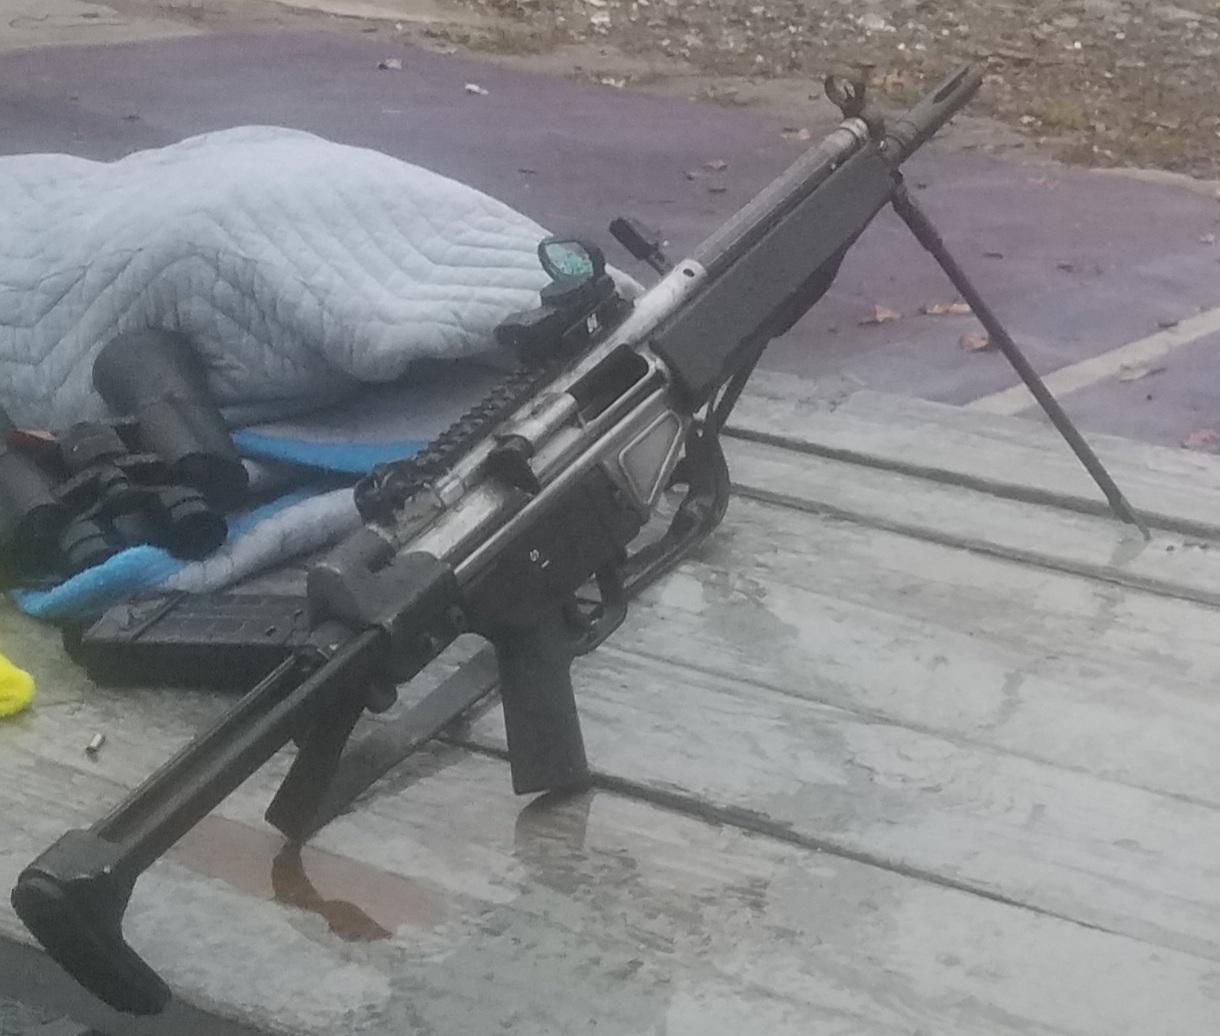 PTR91 K3P to rifle-20200410_125355.jpg